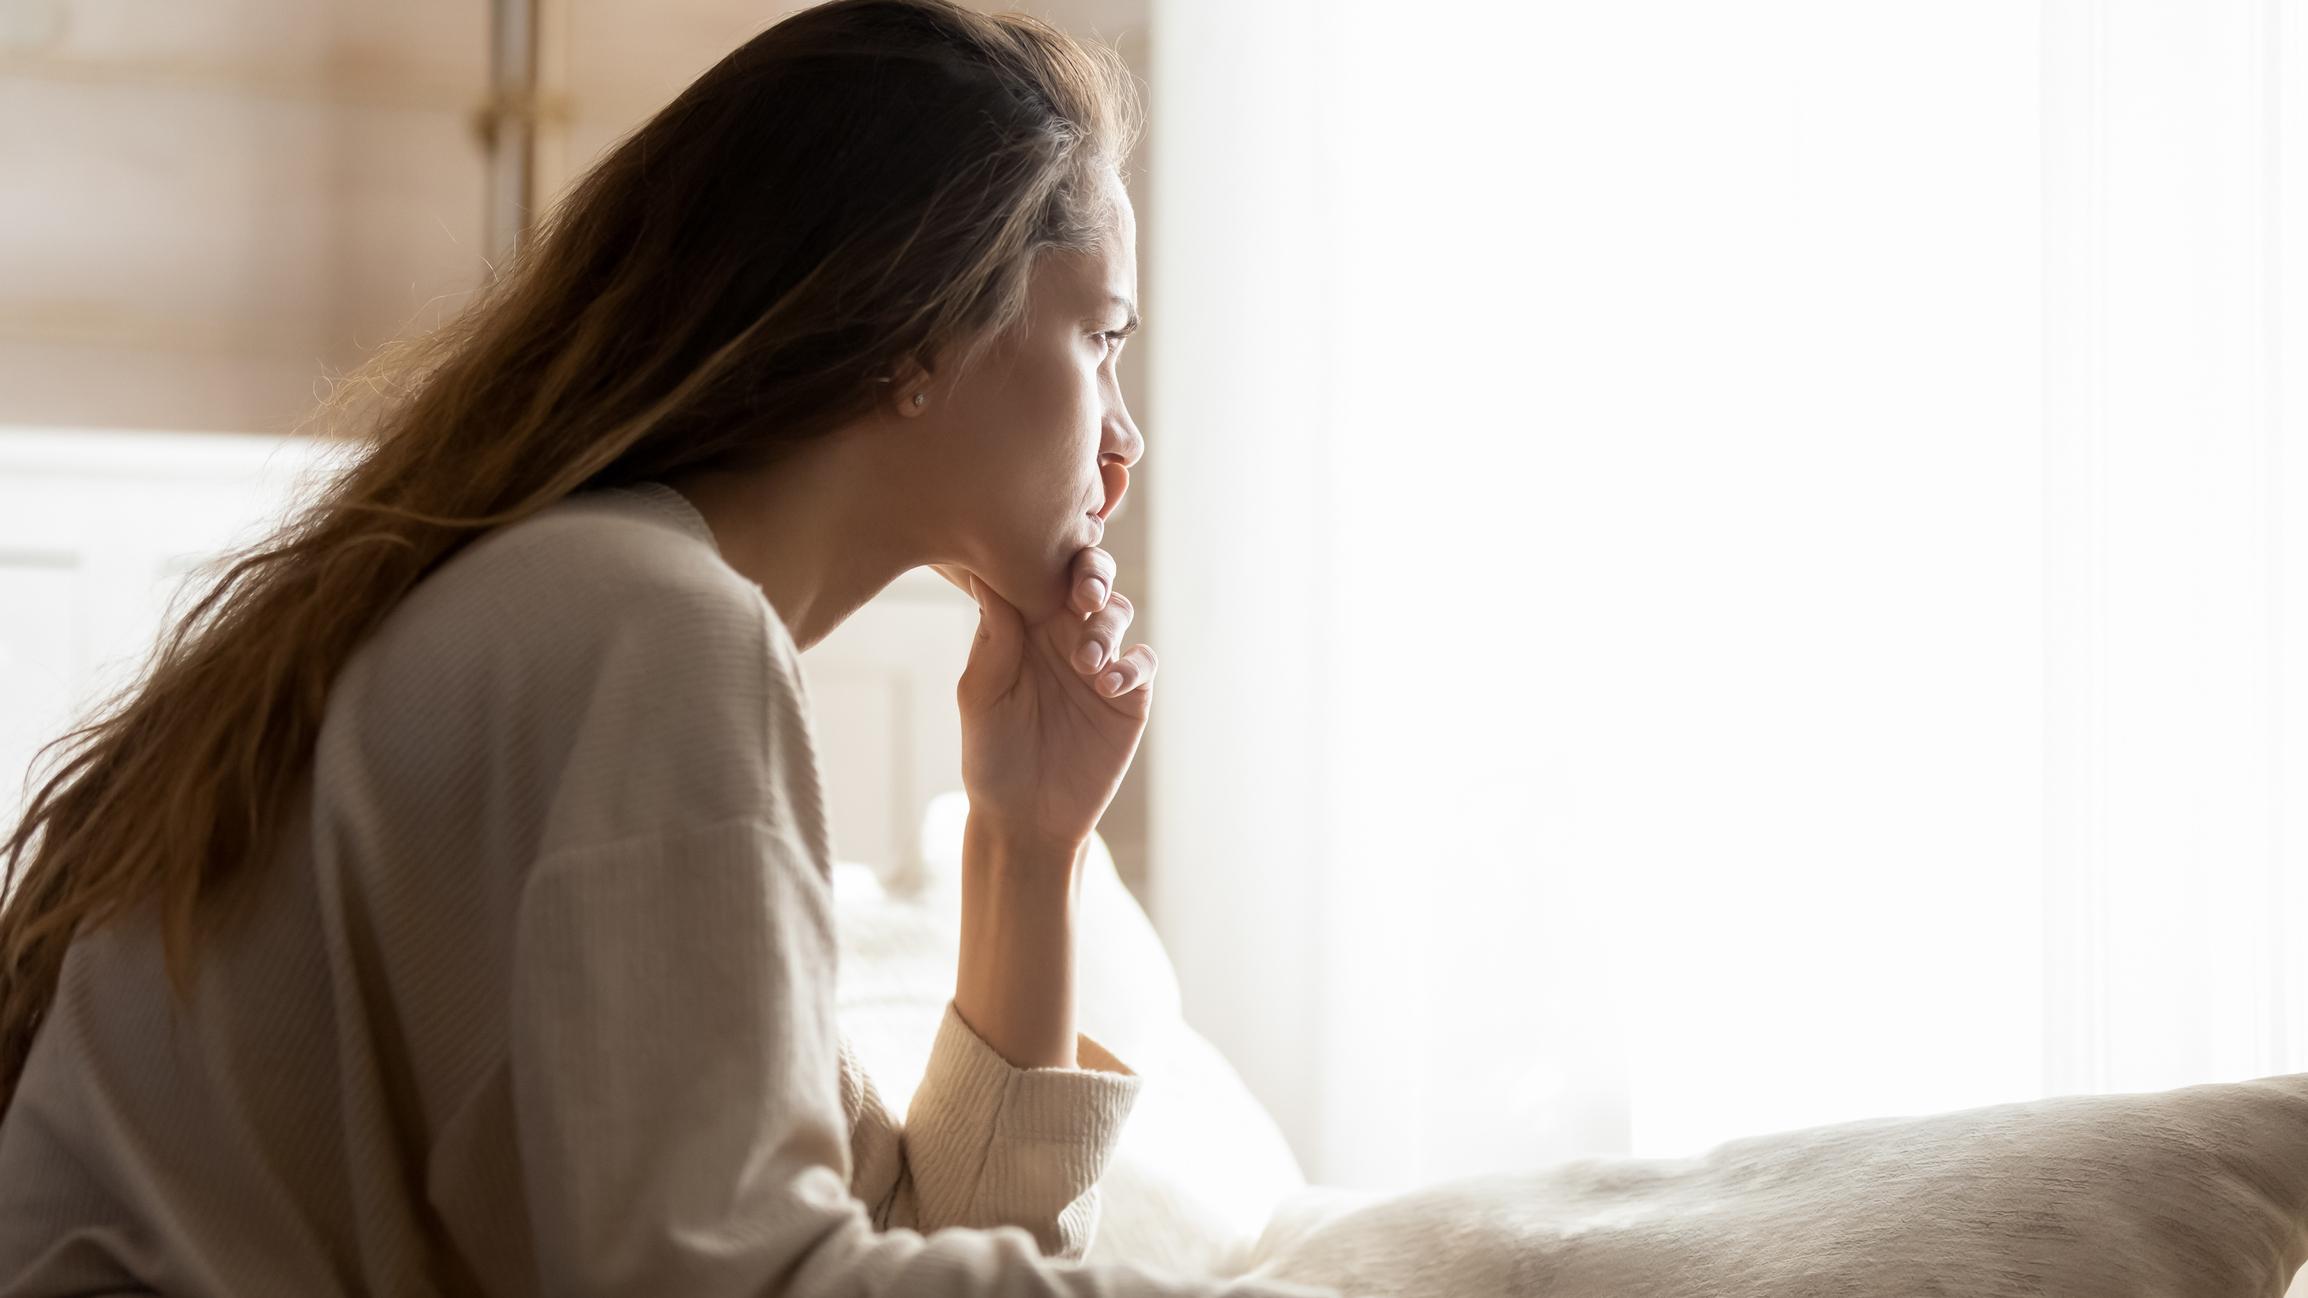 upset women looking at her bedroom window